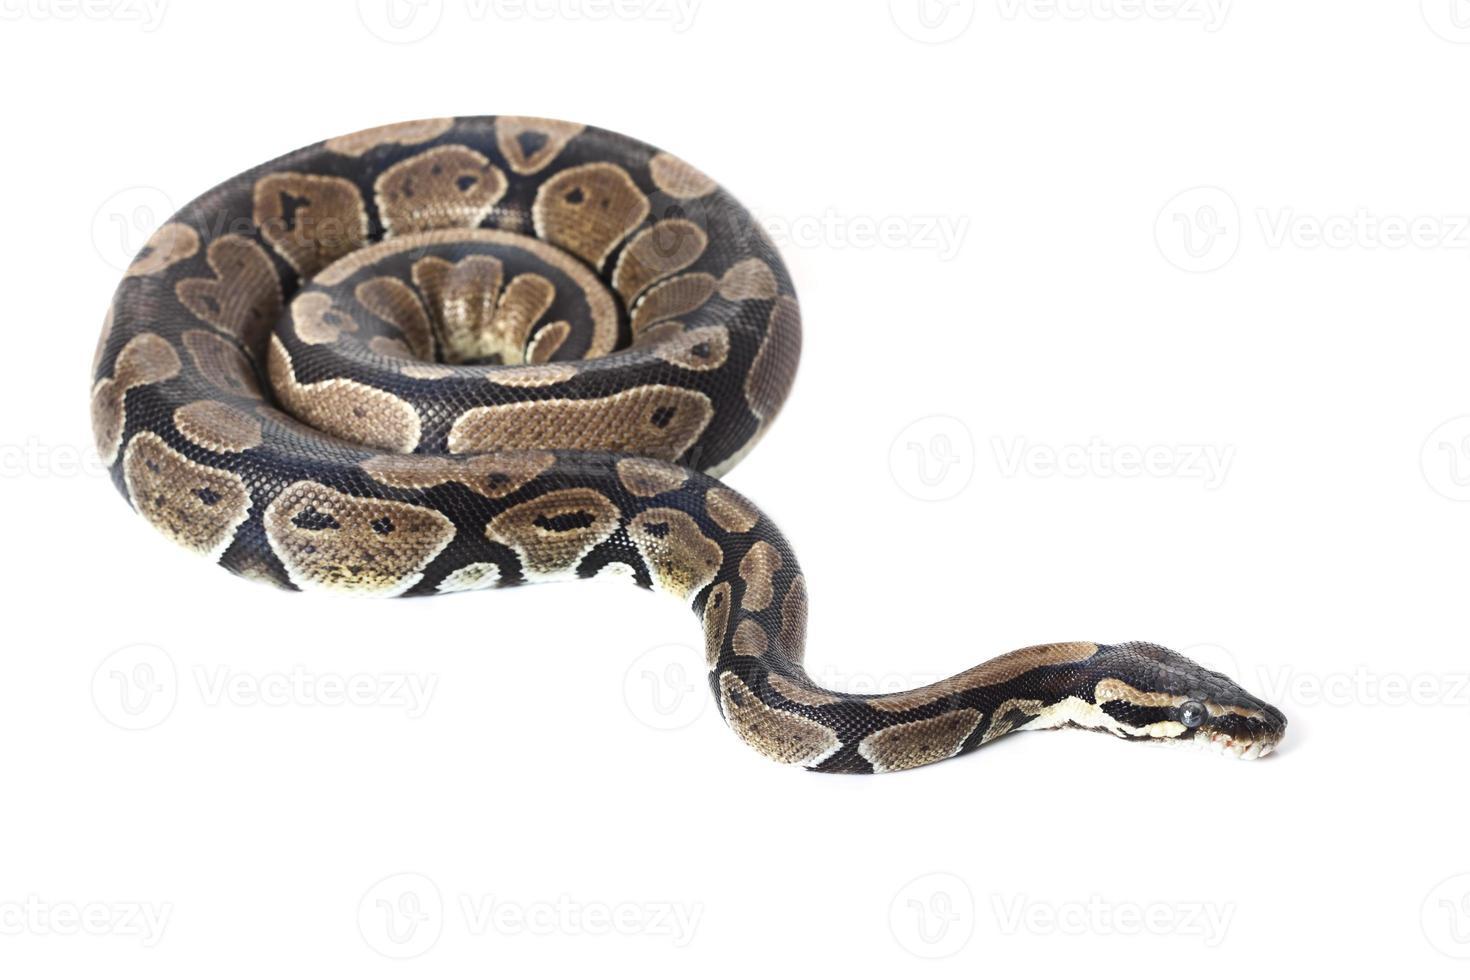 königliche Python foto